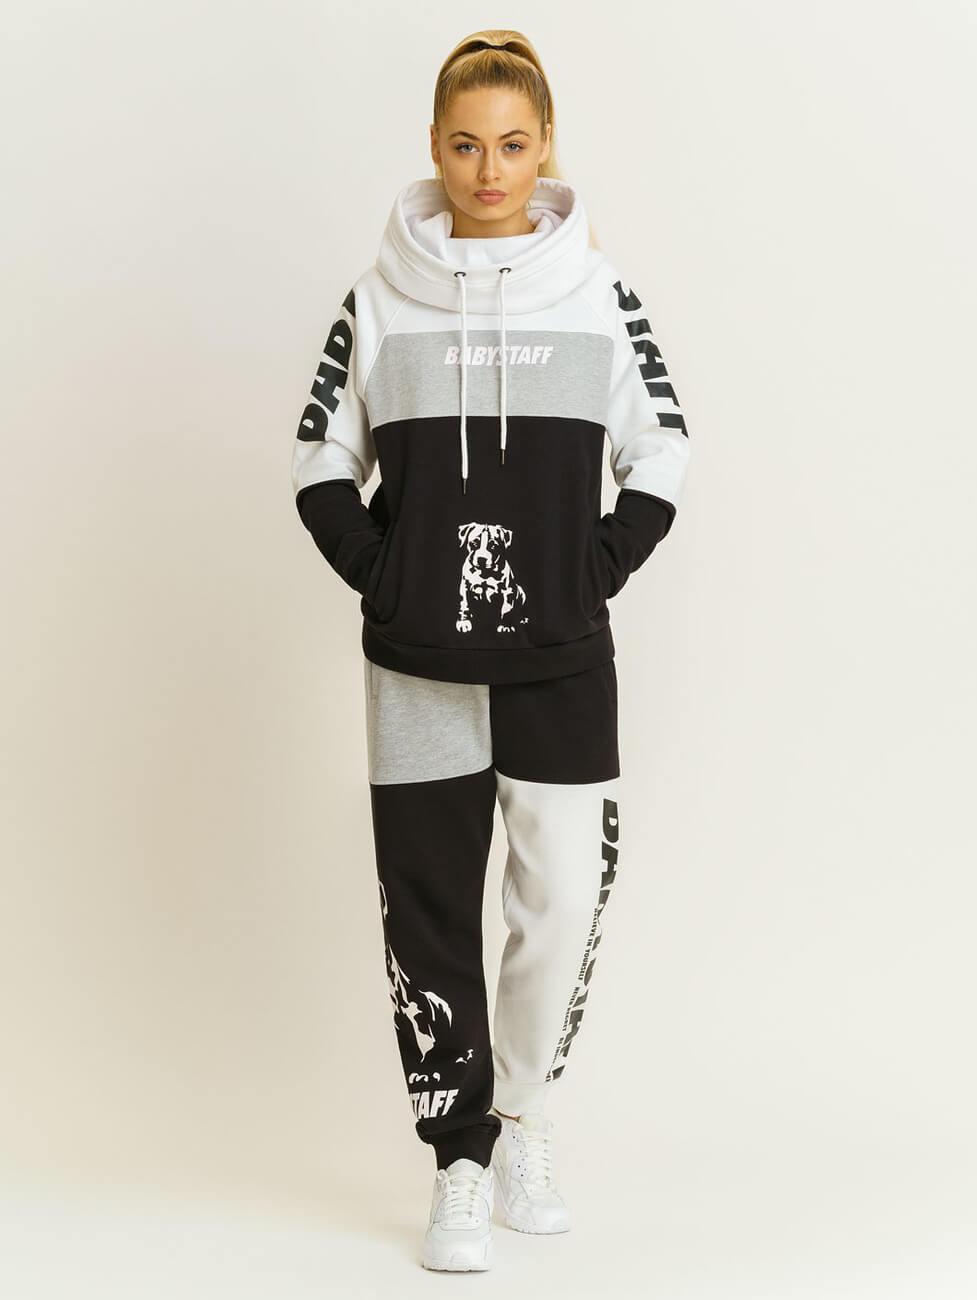 Стильные модные спортивные костюмы женские Babystaff Aruna white